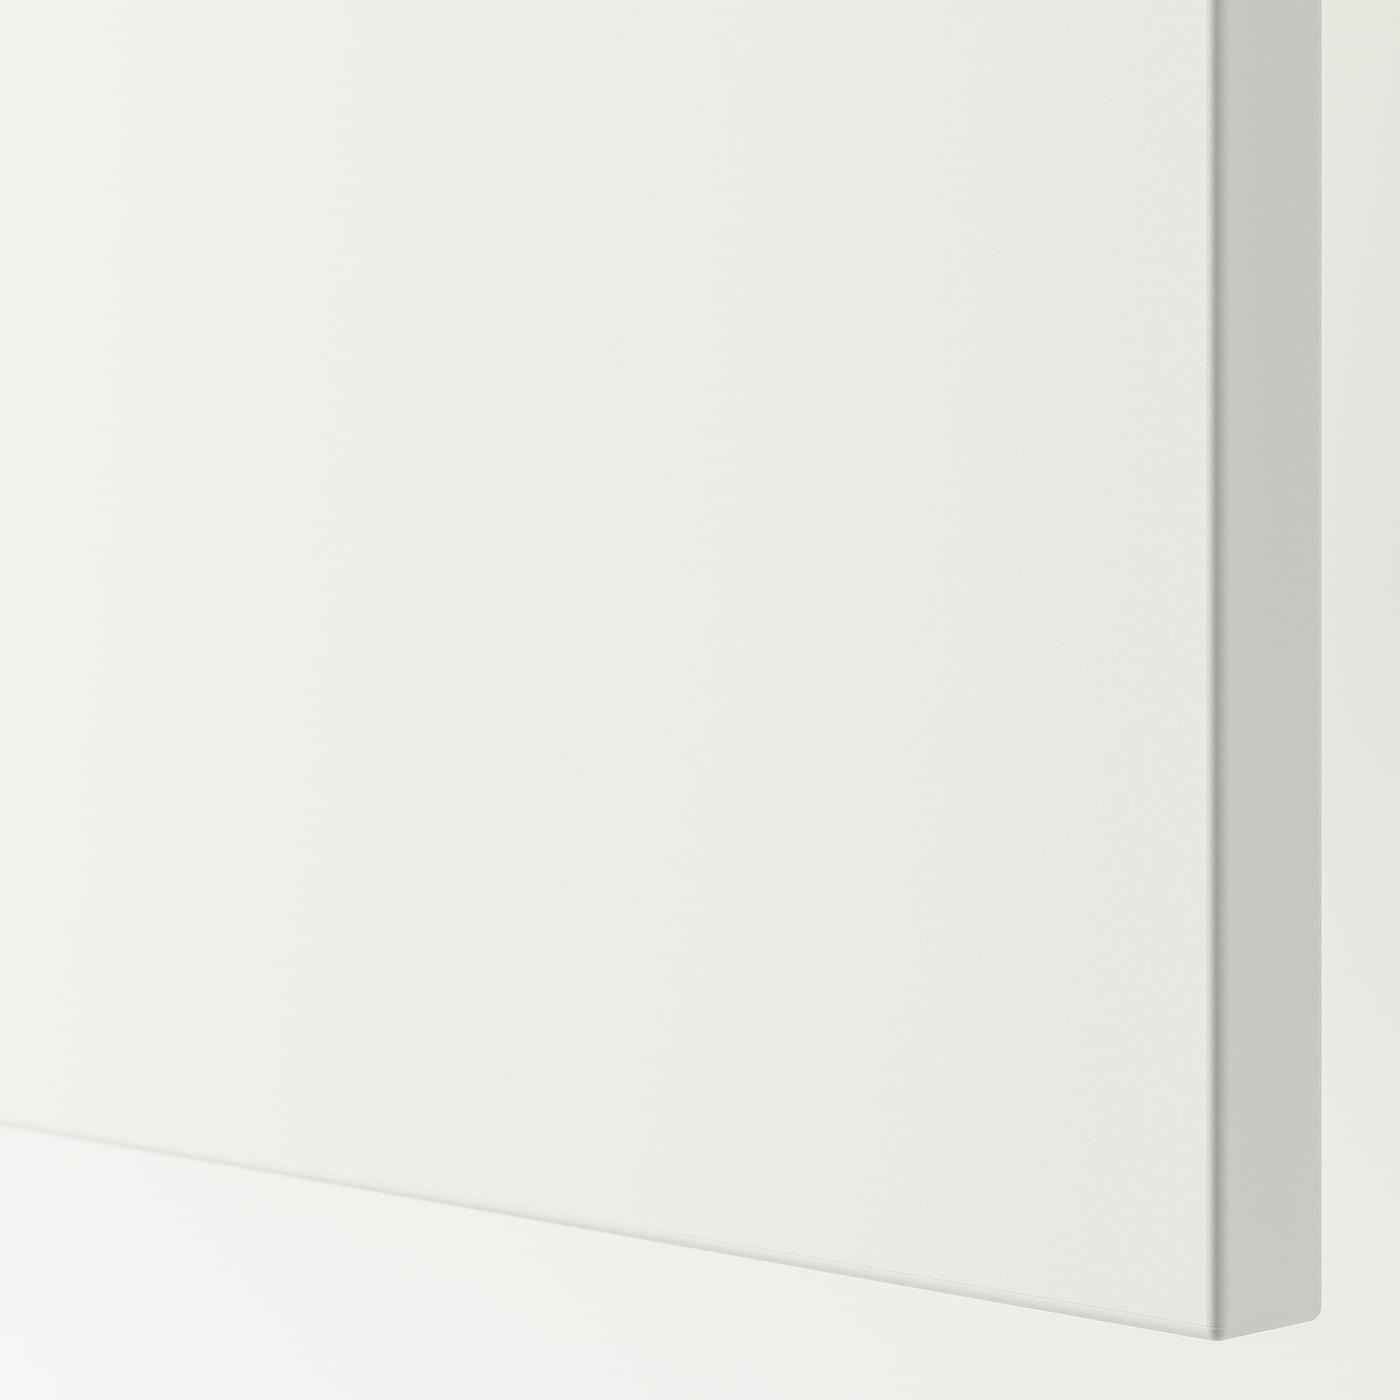 FONNES Pair of sliding doors, white, 120x180 cm